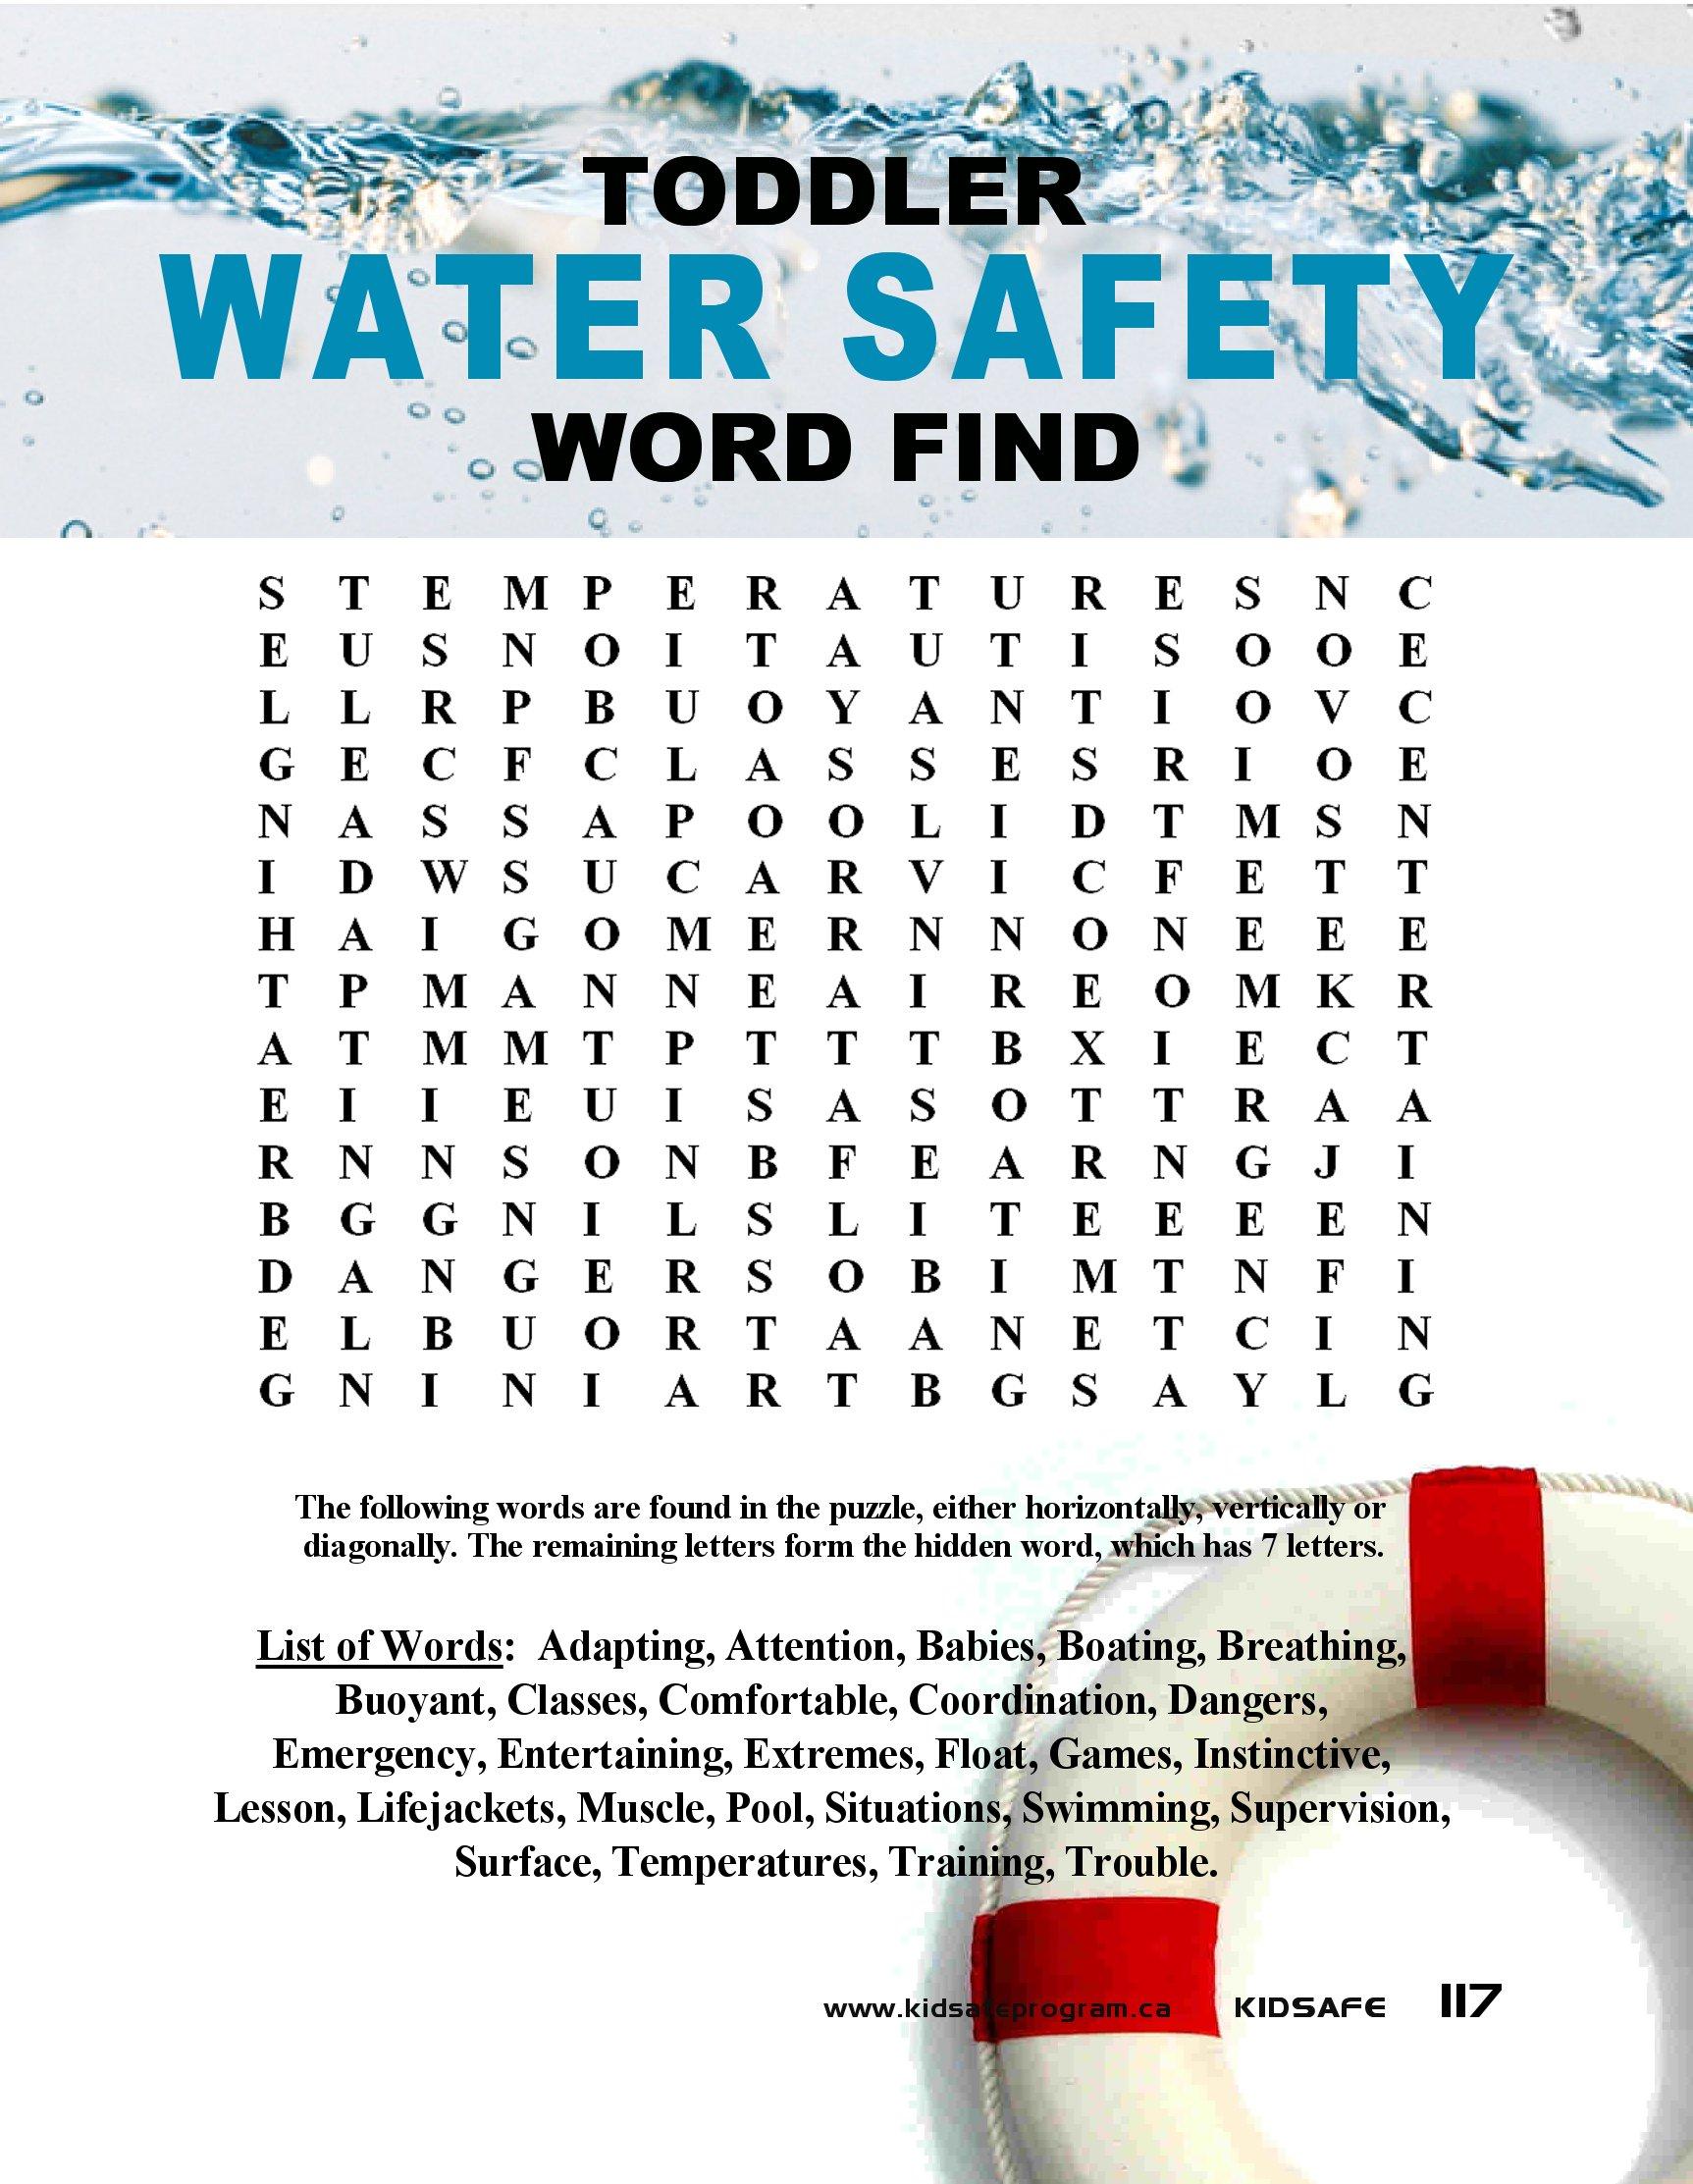 Water Safety Wordfind